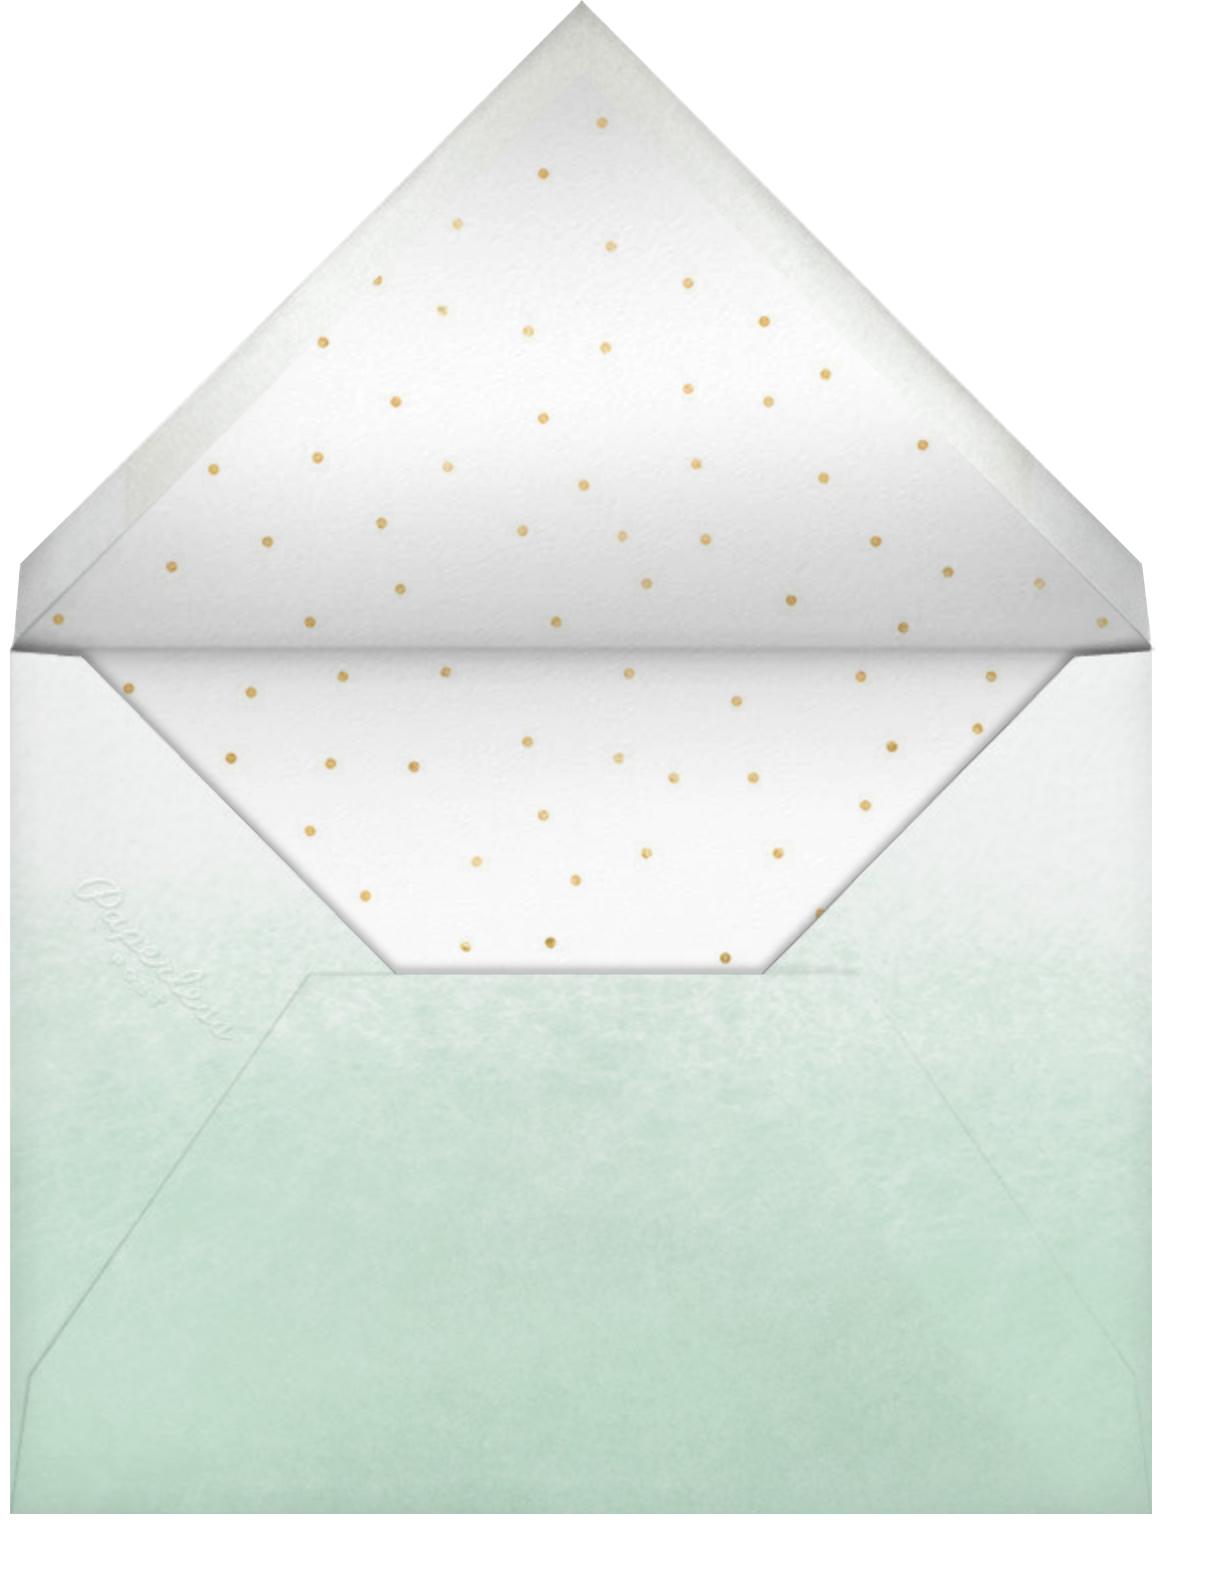 Radical - Pale Yellow - Paperless Post - Envelope